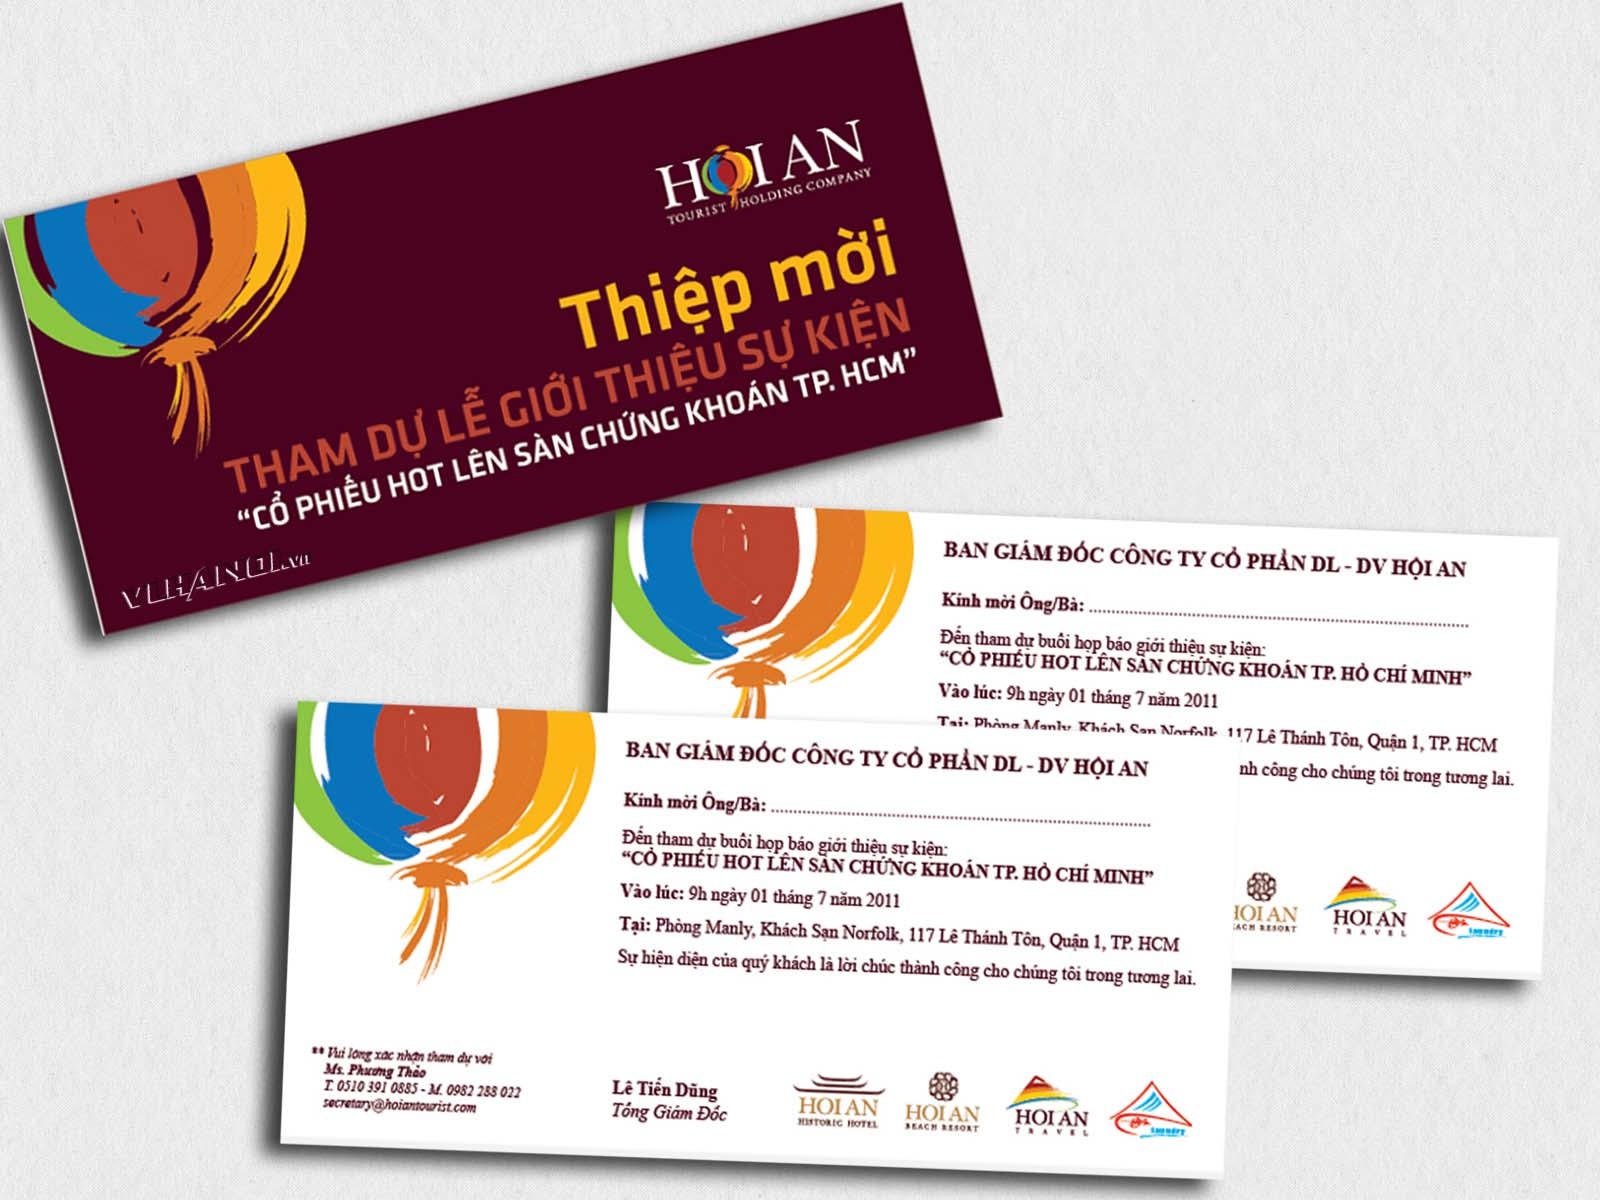 Dịch vụ in thiệp mời giá rẻ tại Hà Nội